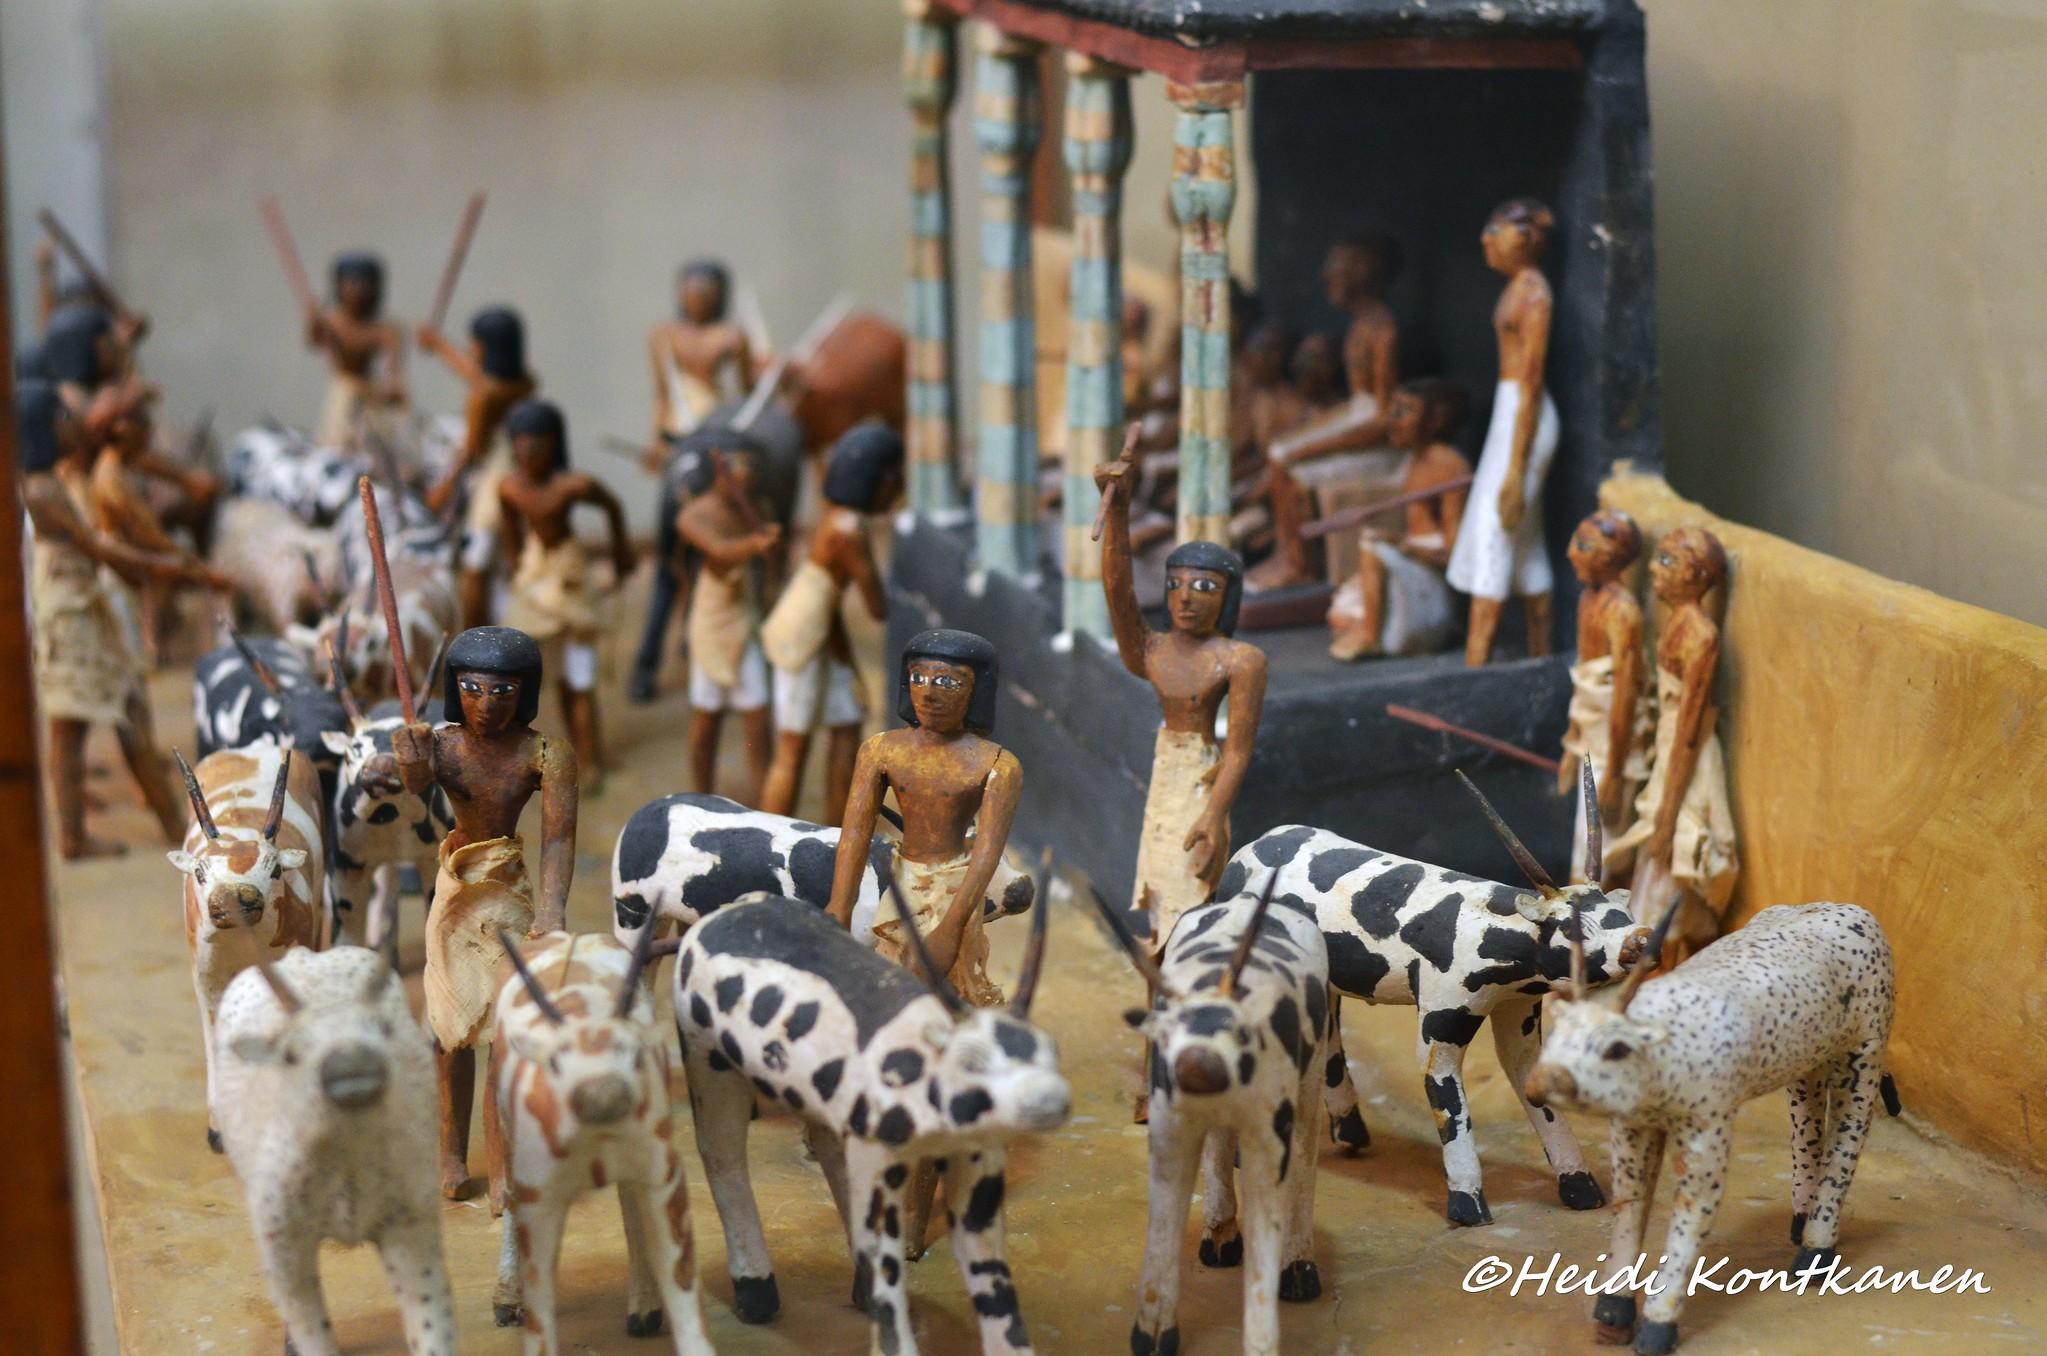 Model figures of Meketre